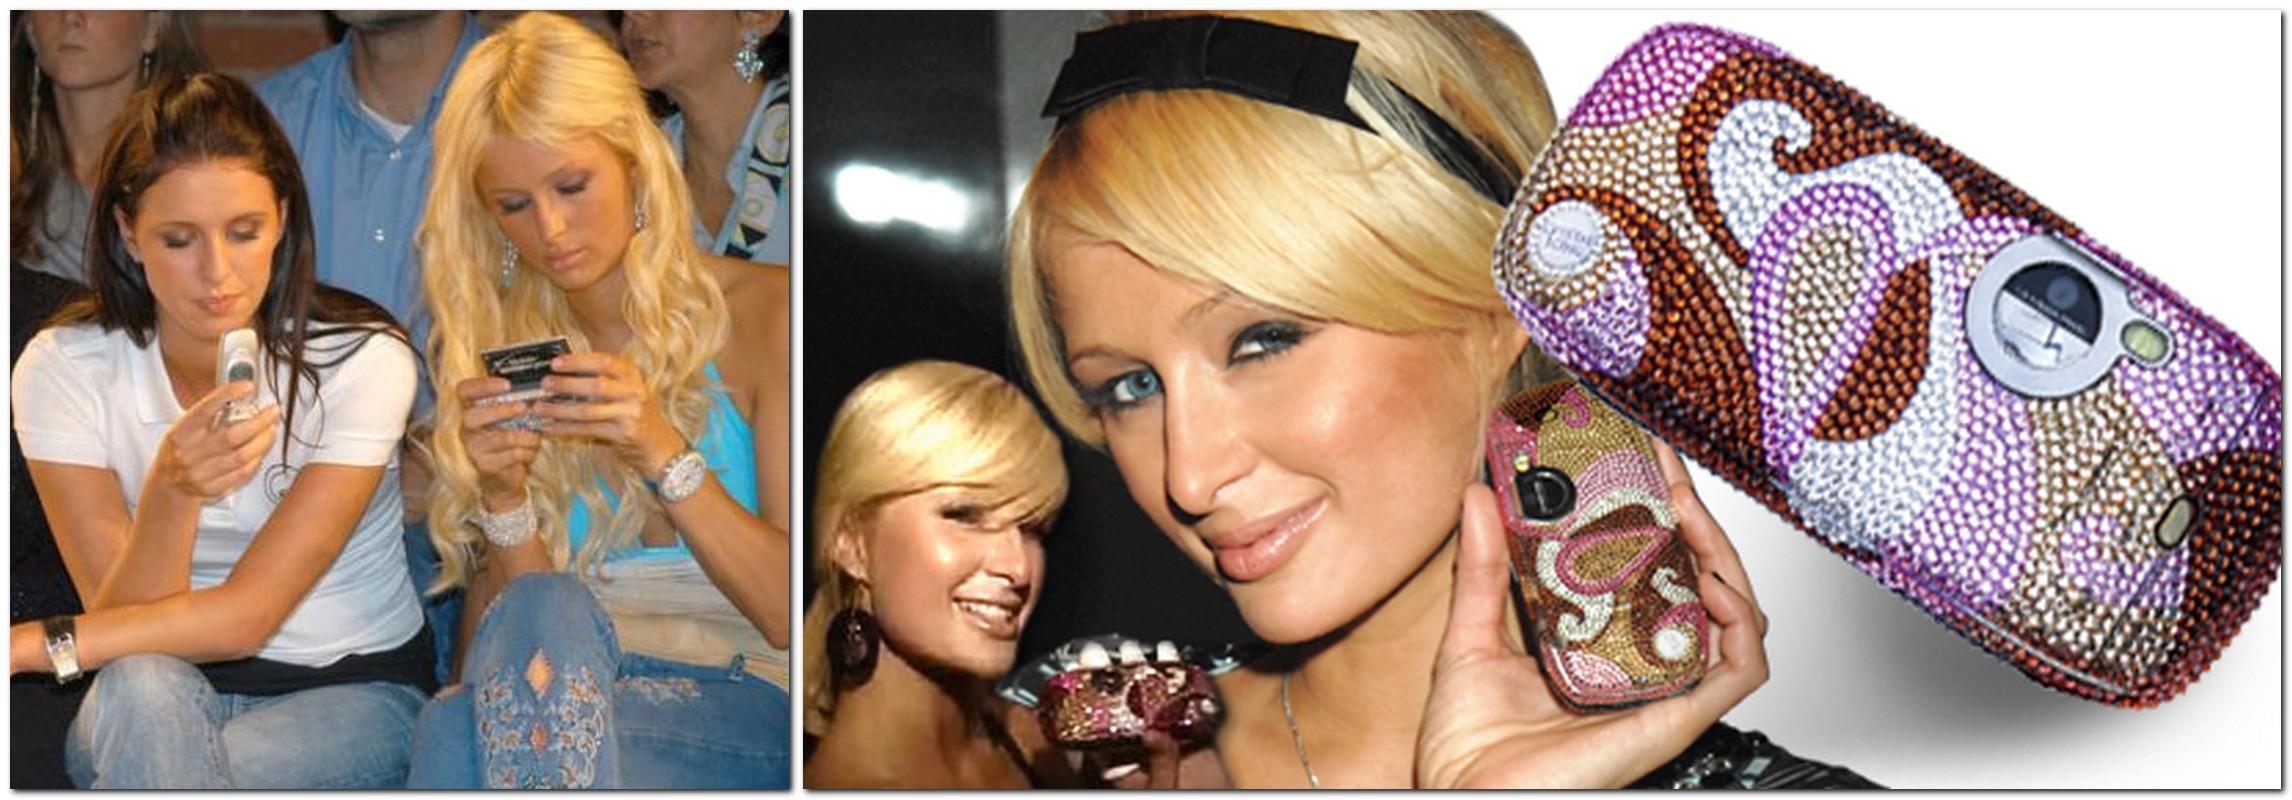 Paris Hilton phone